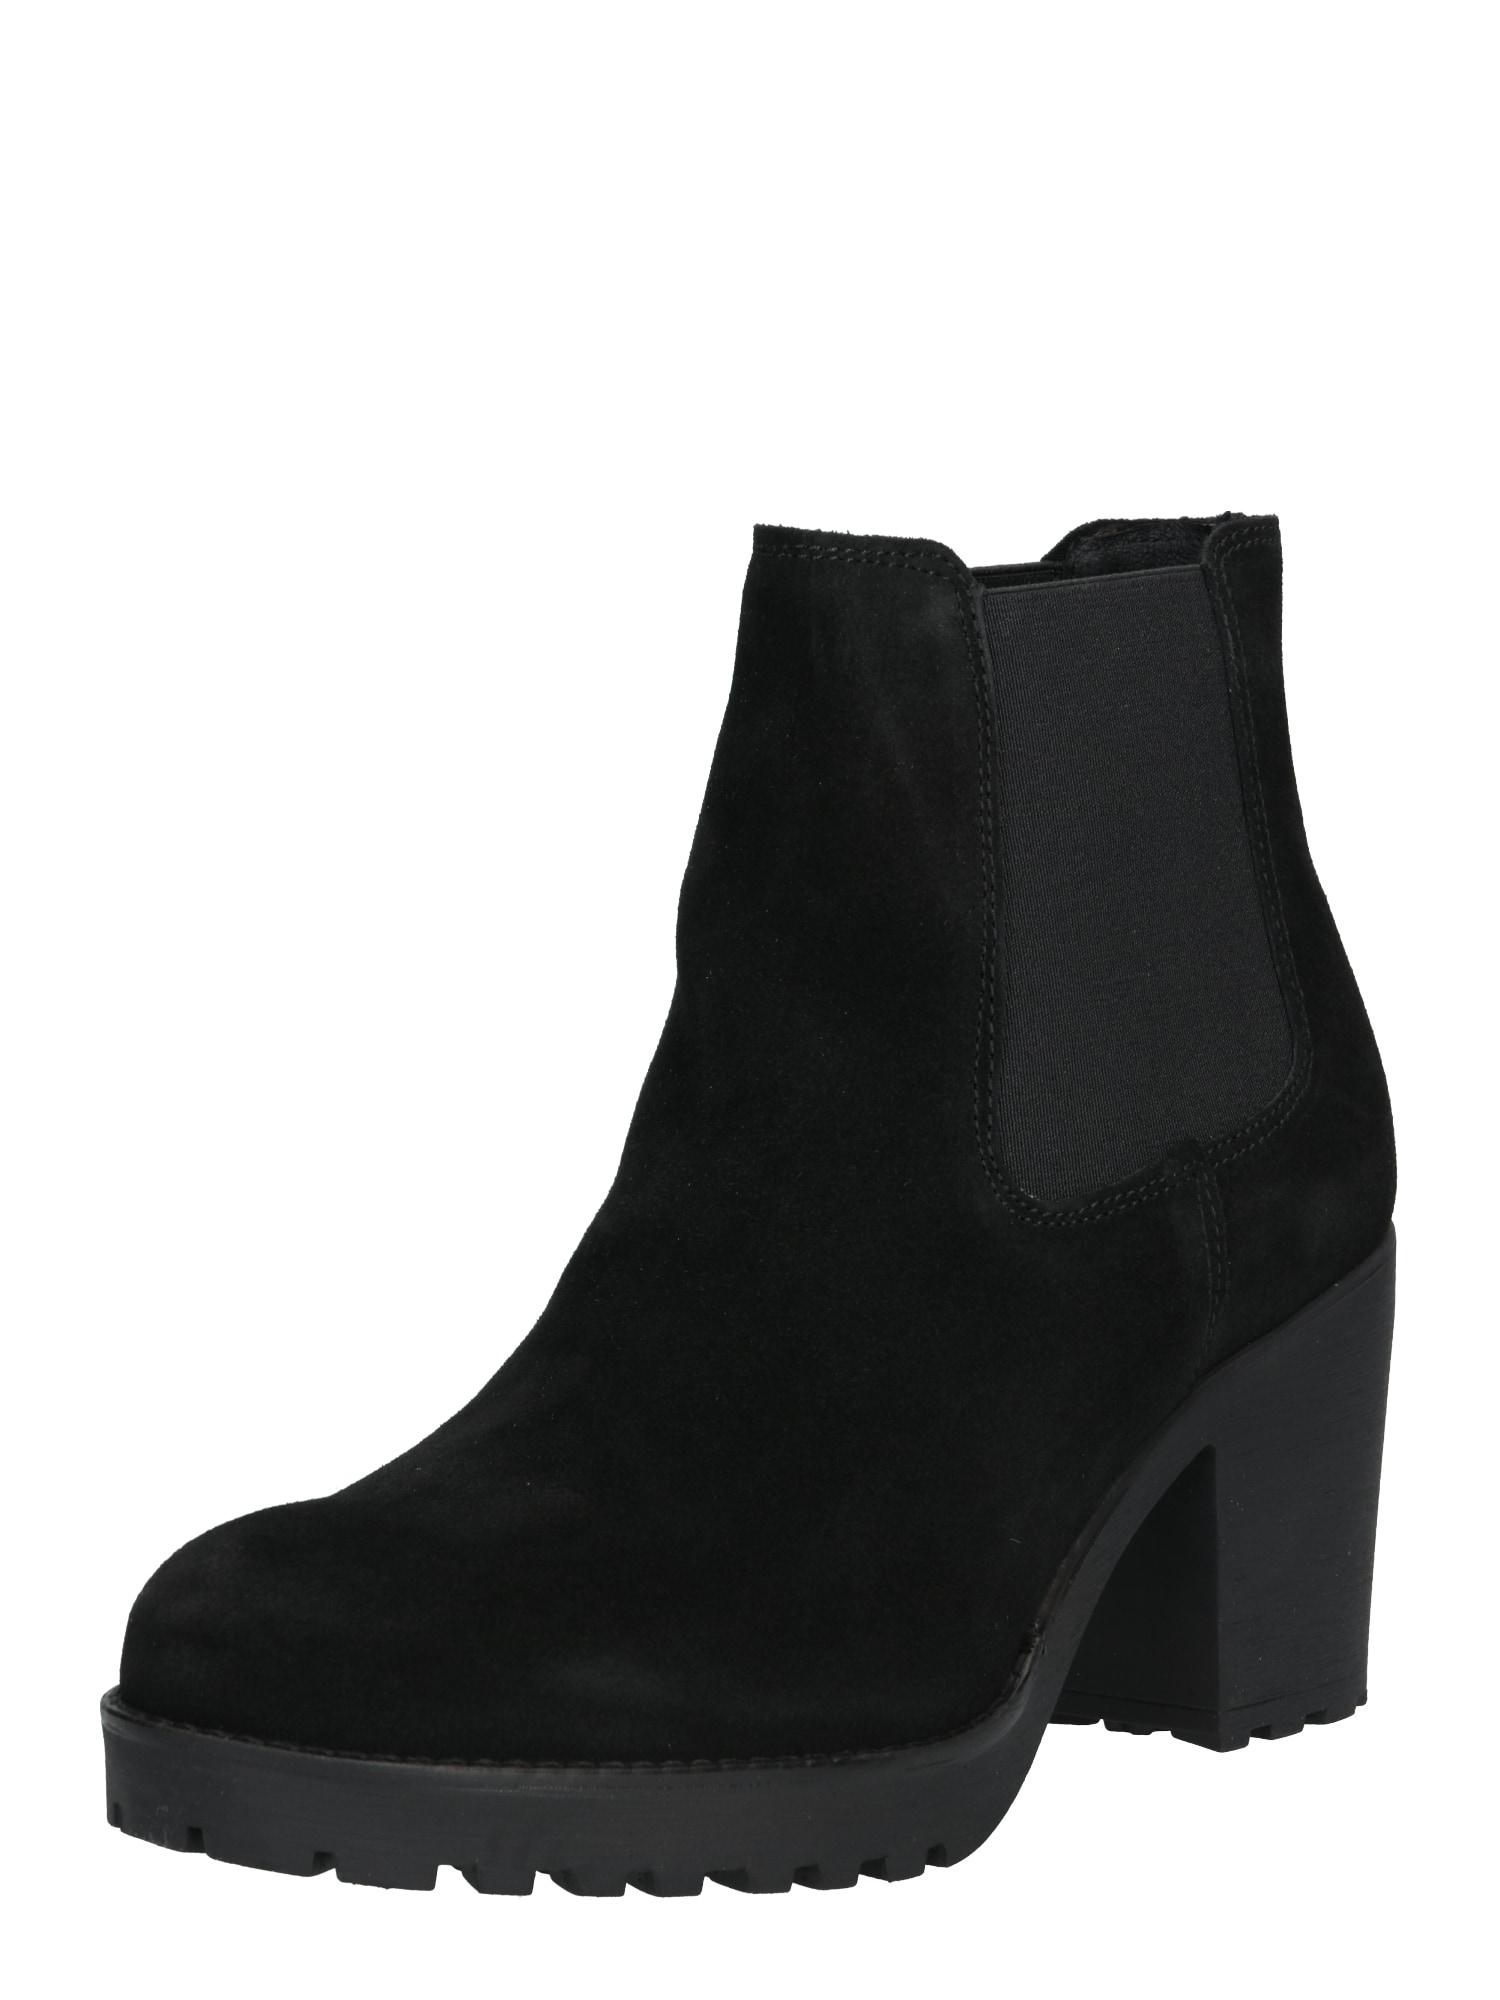 SELECTED FEMME Chelsea batai juoda